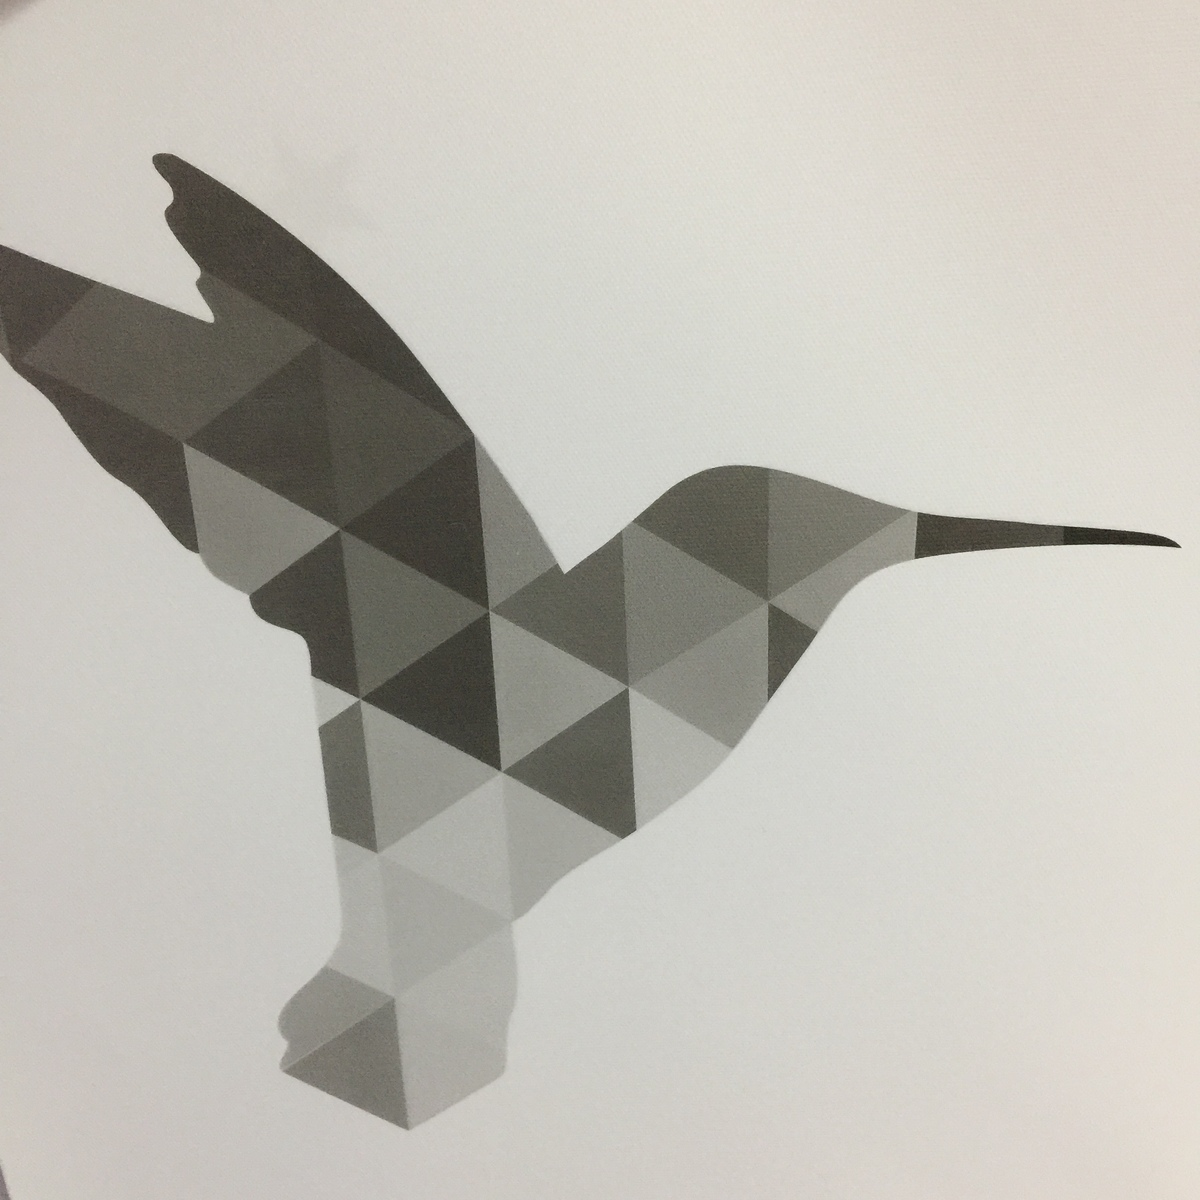 Us 419 40 Offnordic Hummingbird Obrazy Na Płótnie Geometryczne Trójkąty Szary Plakaty Druku Zwierzęta Nowoczesny Obrazy Na ścianę Do Salonu